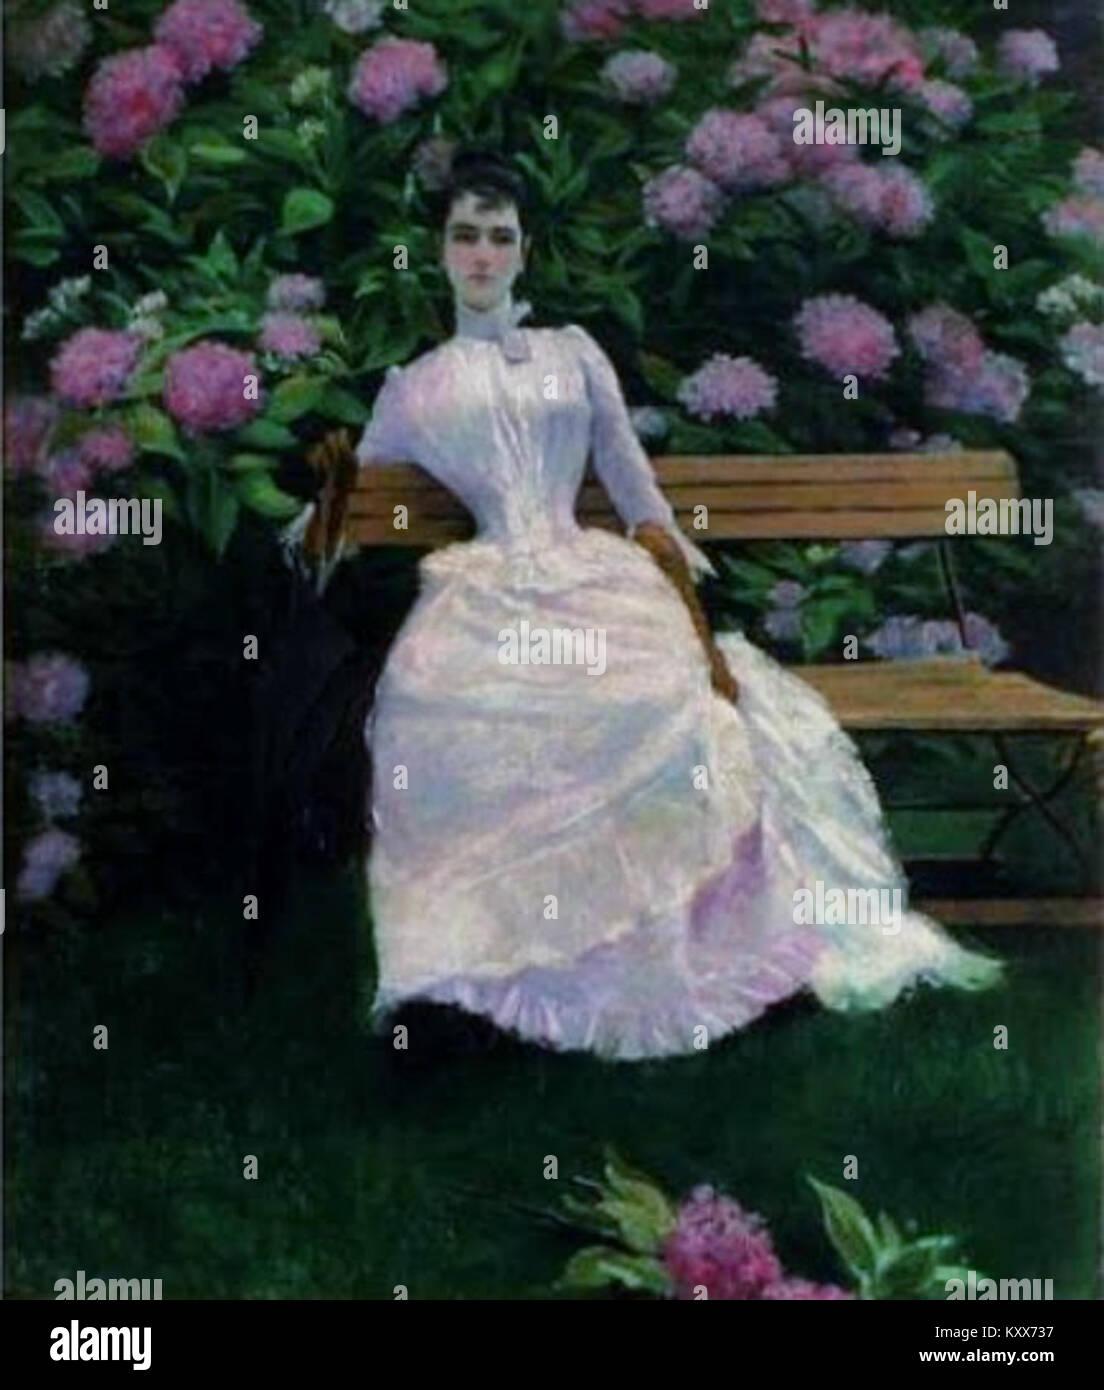 Errázuriz, José Tomás - Eugenia pintada por su marido -c1880 Imagen De Stock